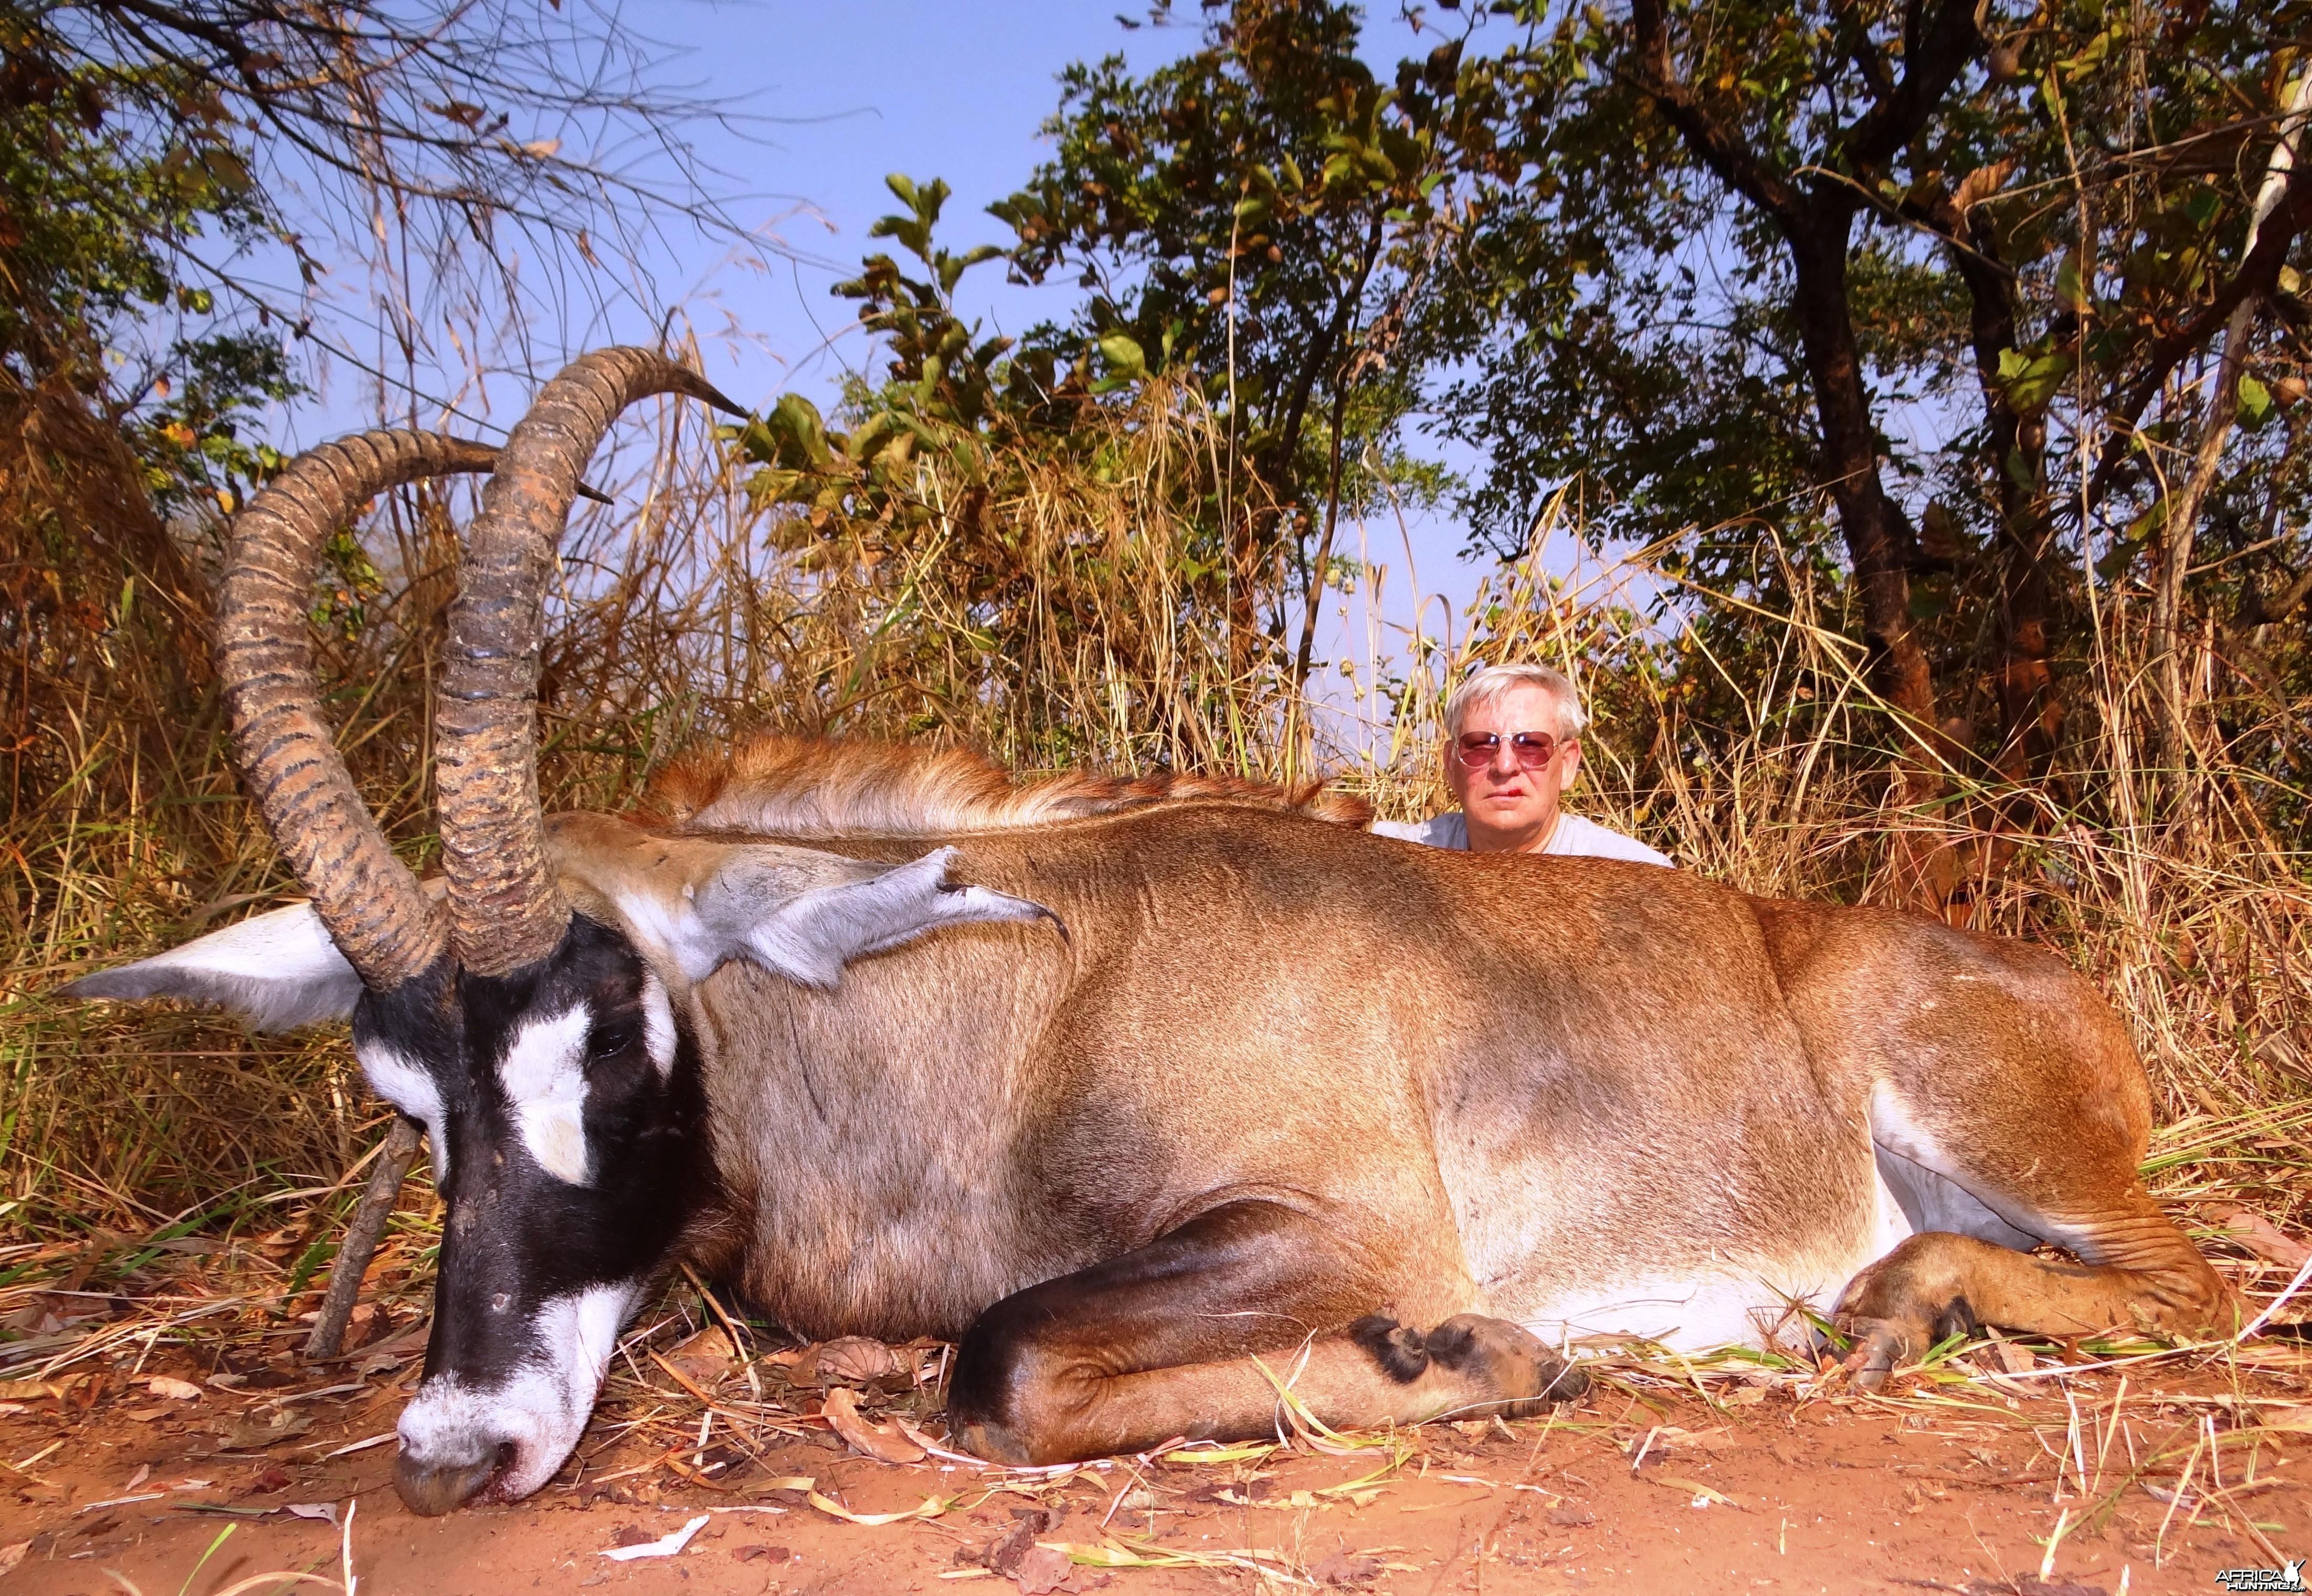 33 1/2 Roan bull